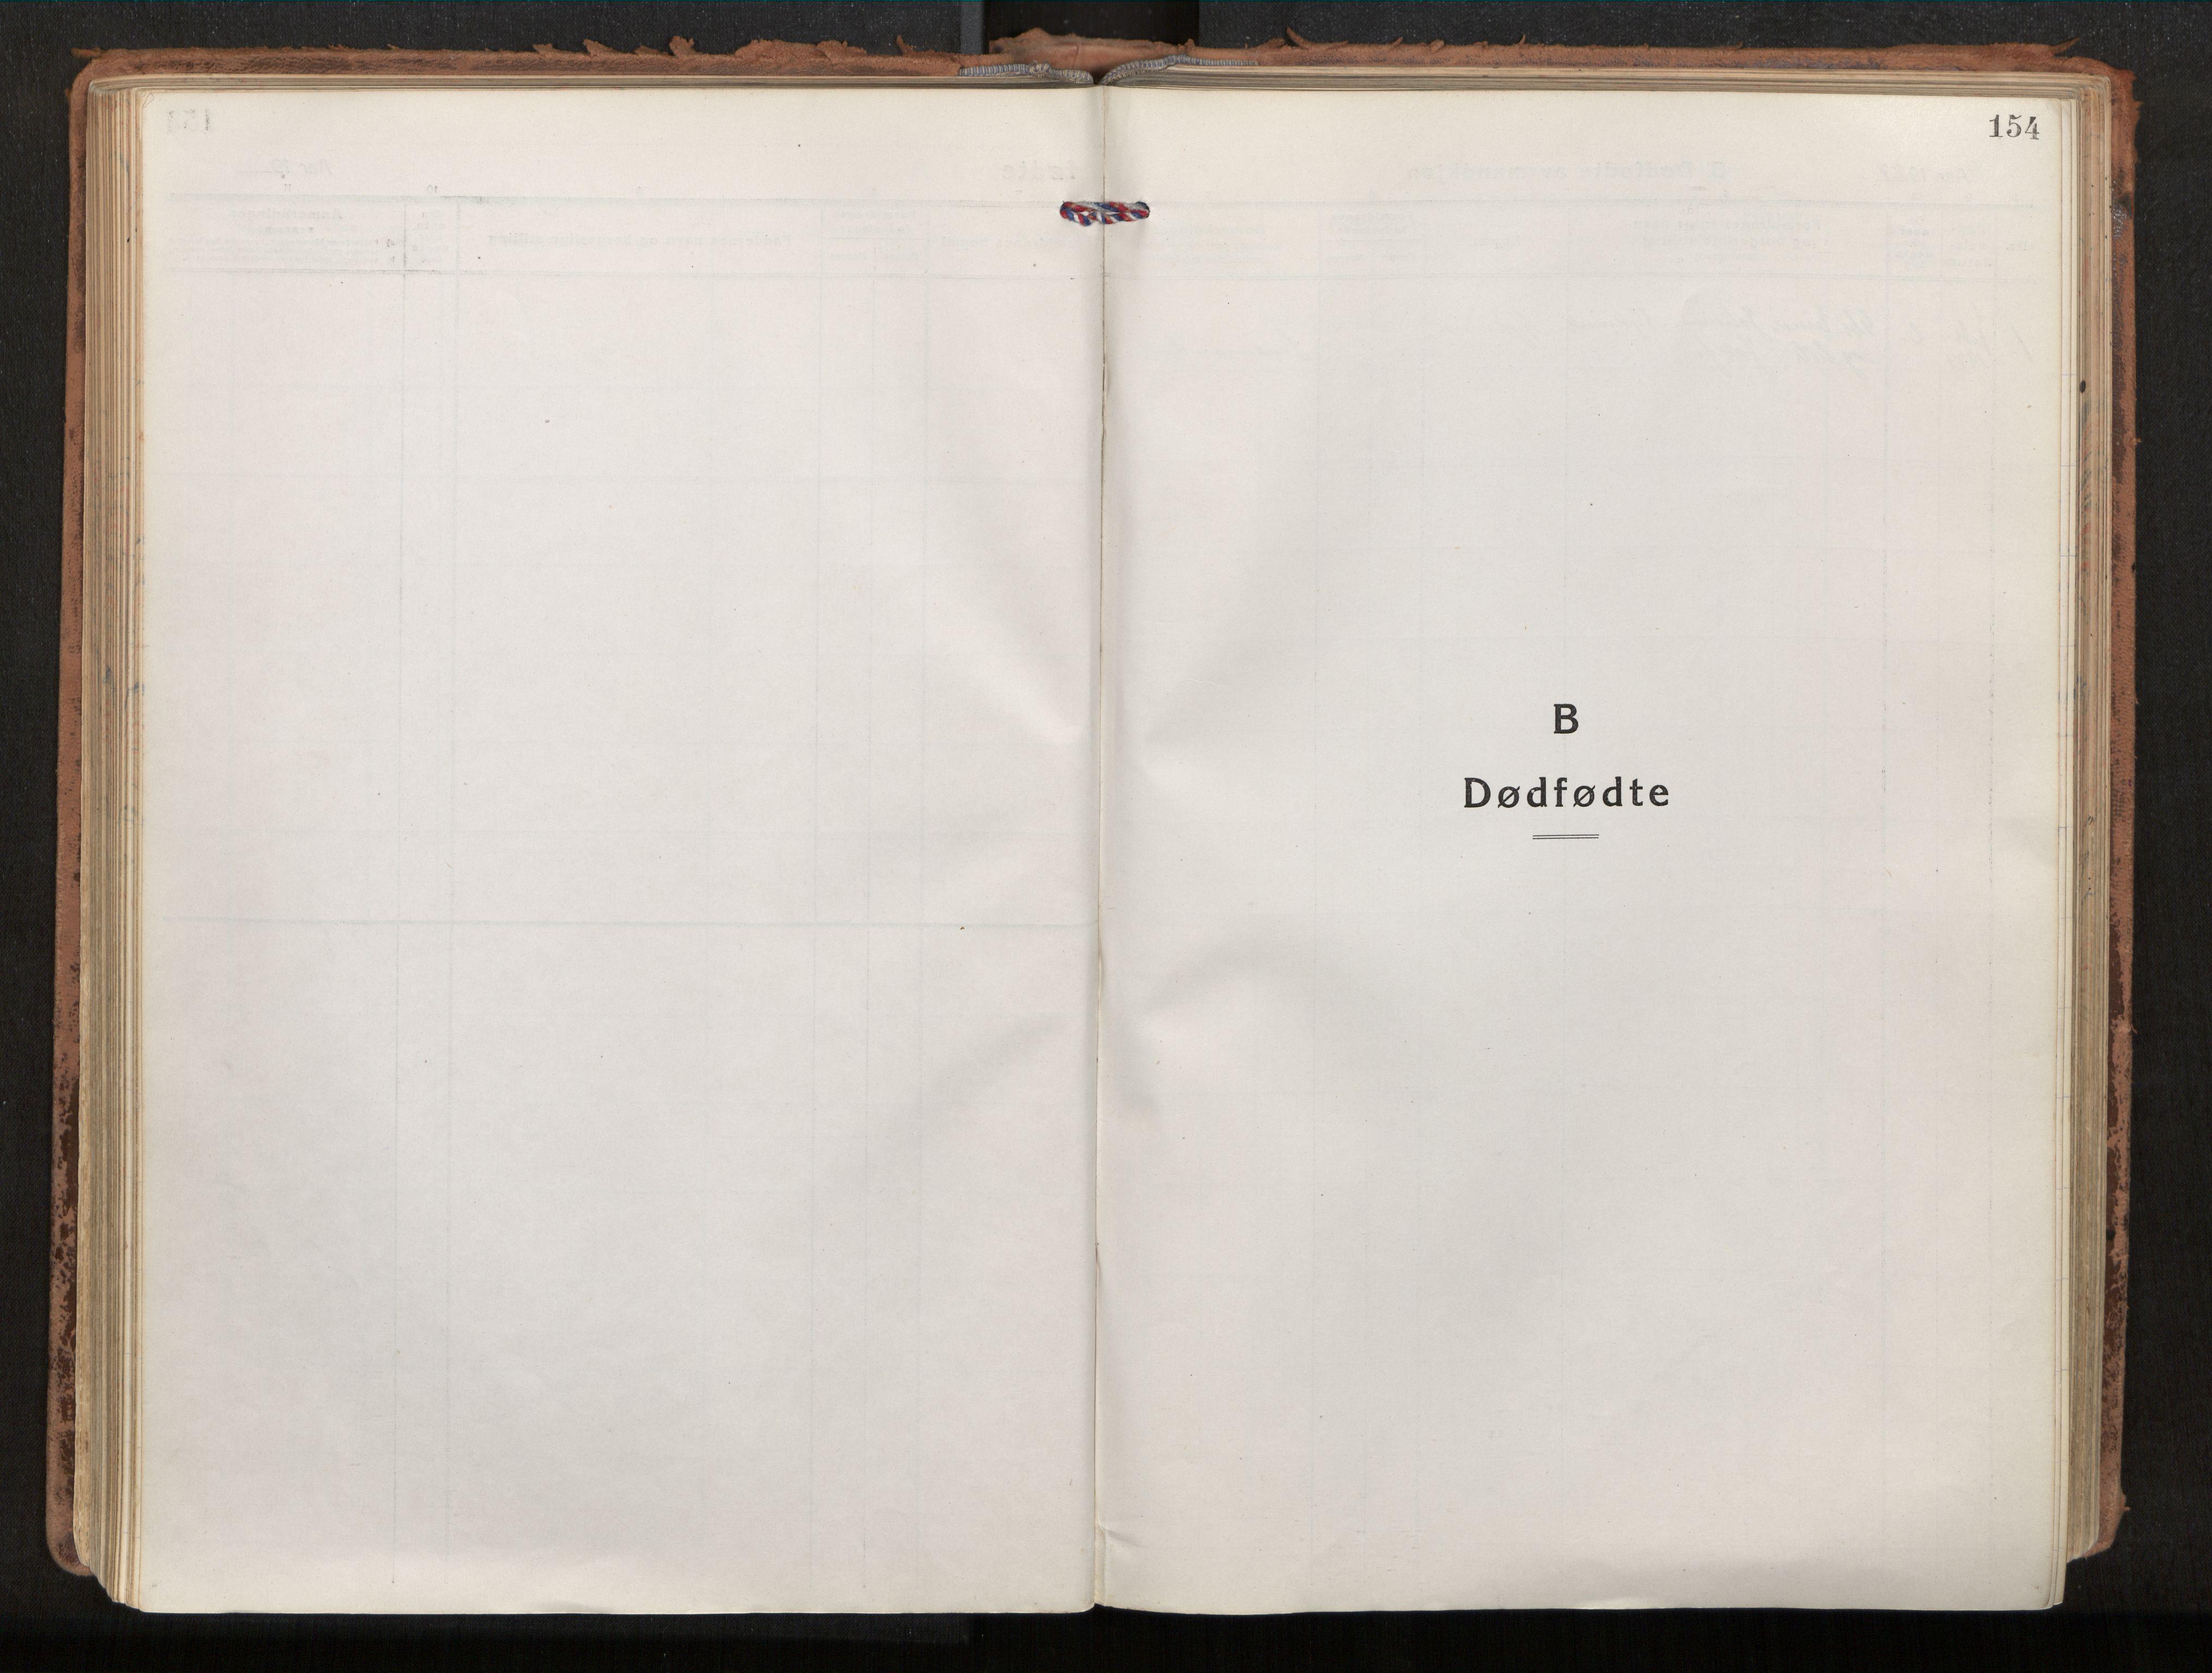 SAT, Ministerialprotokoller, klokkerbøker og fødselsregistre - Nordland, 880/L1136: Parish register (official) no. 880A10, 1919-1927, p. 154